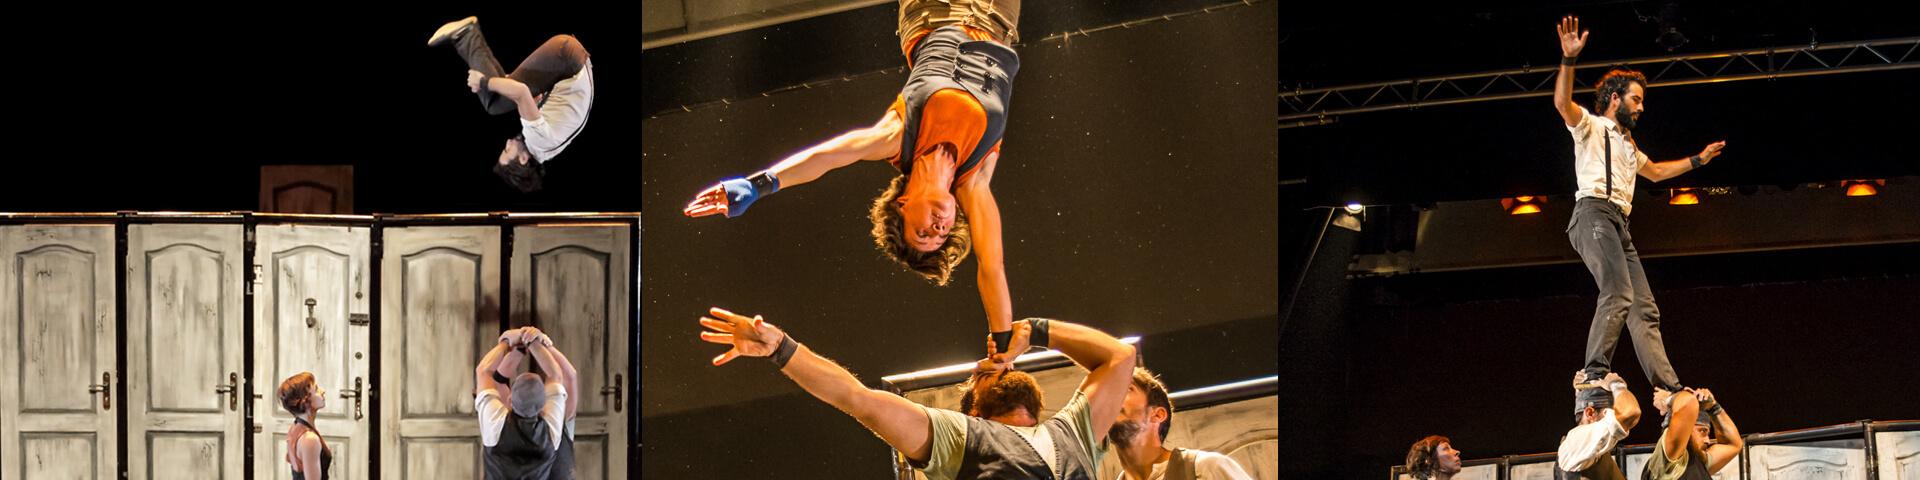 Emportats Show La Trócola Circ Circus company